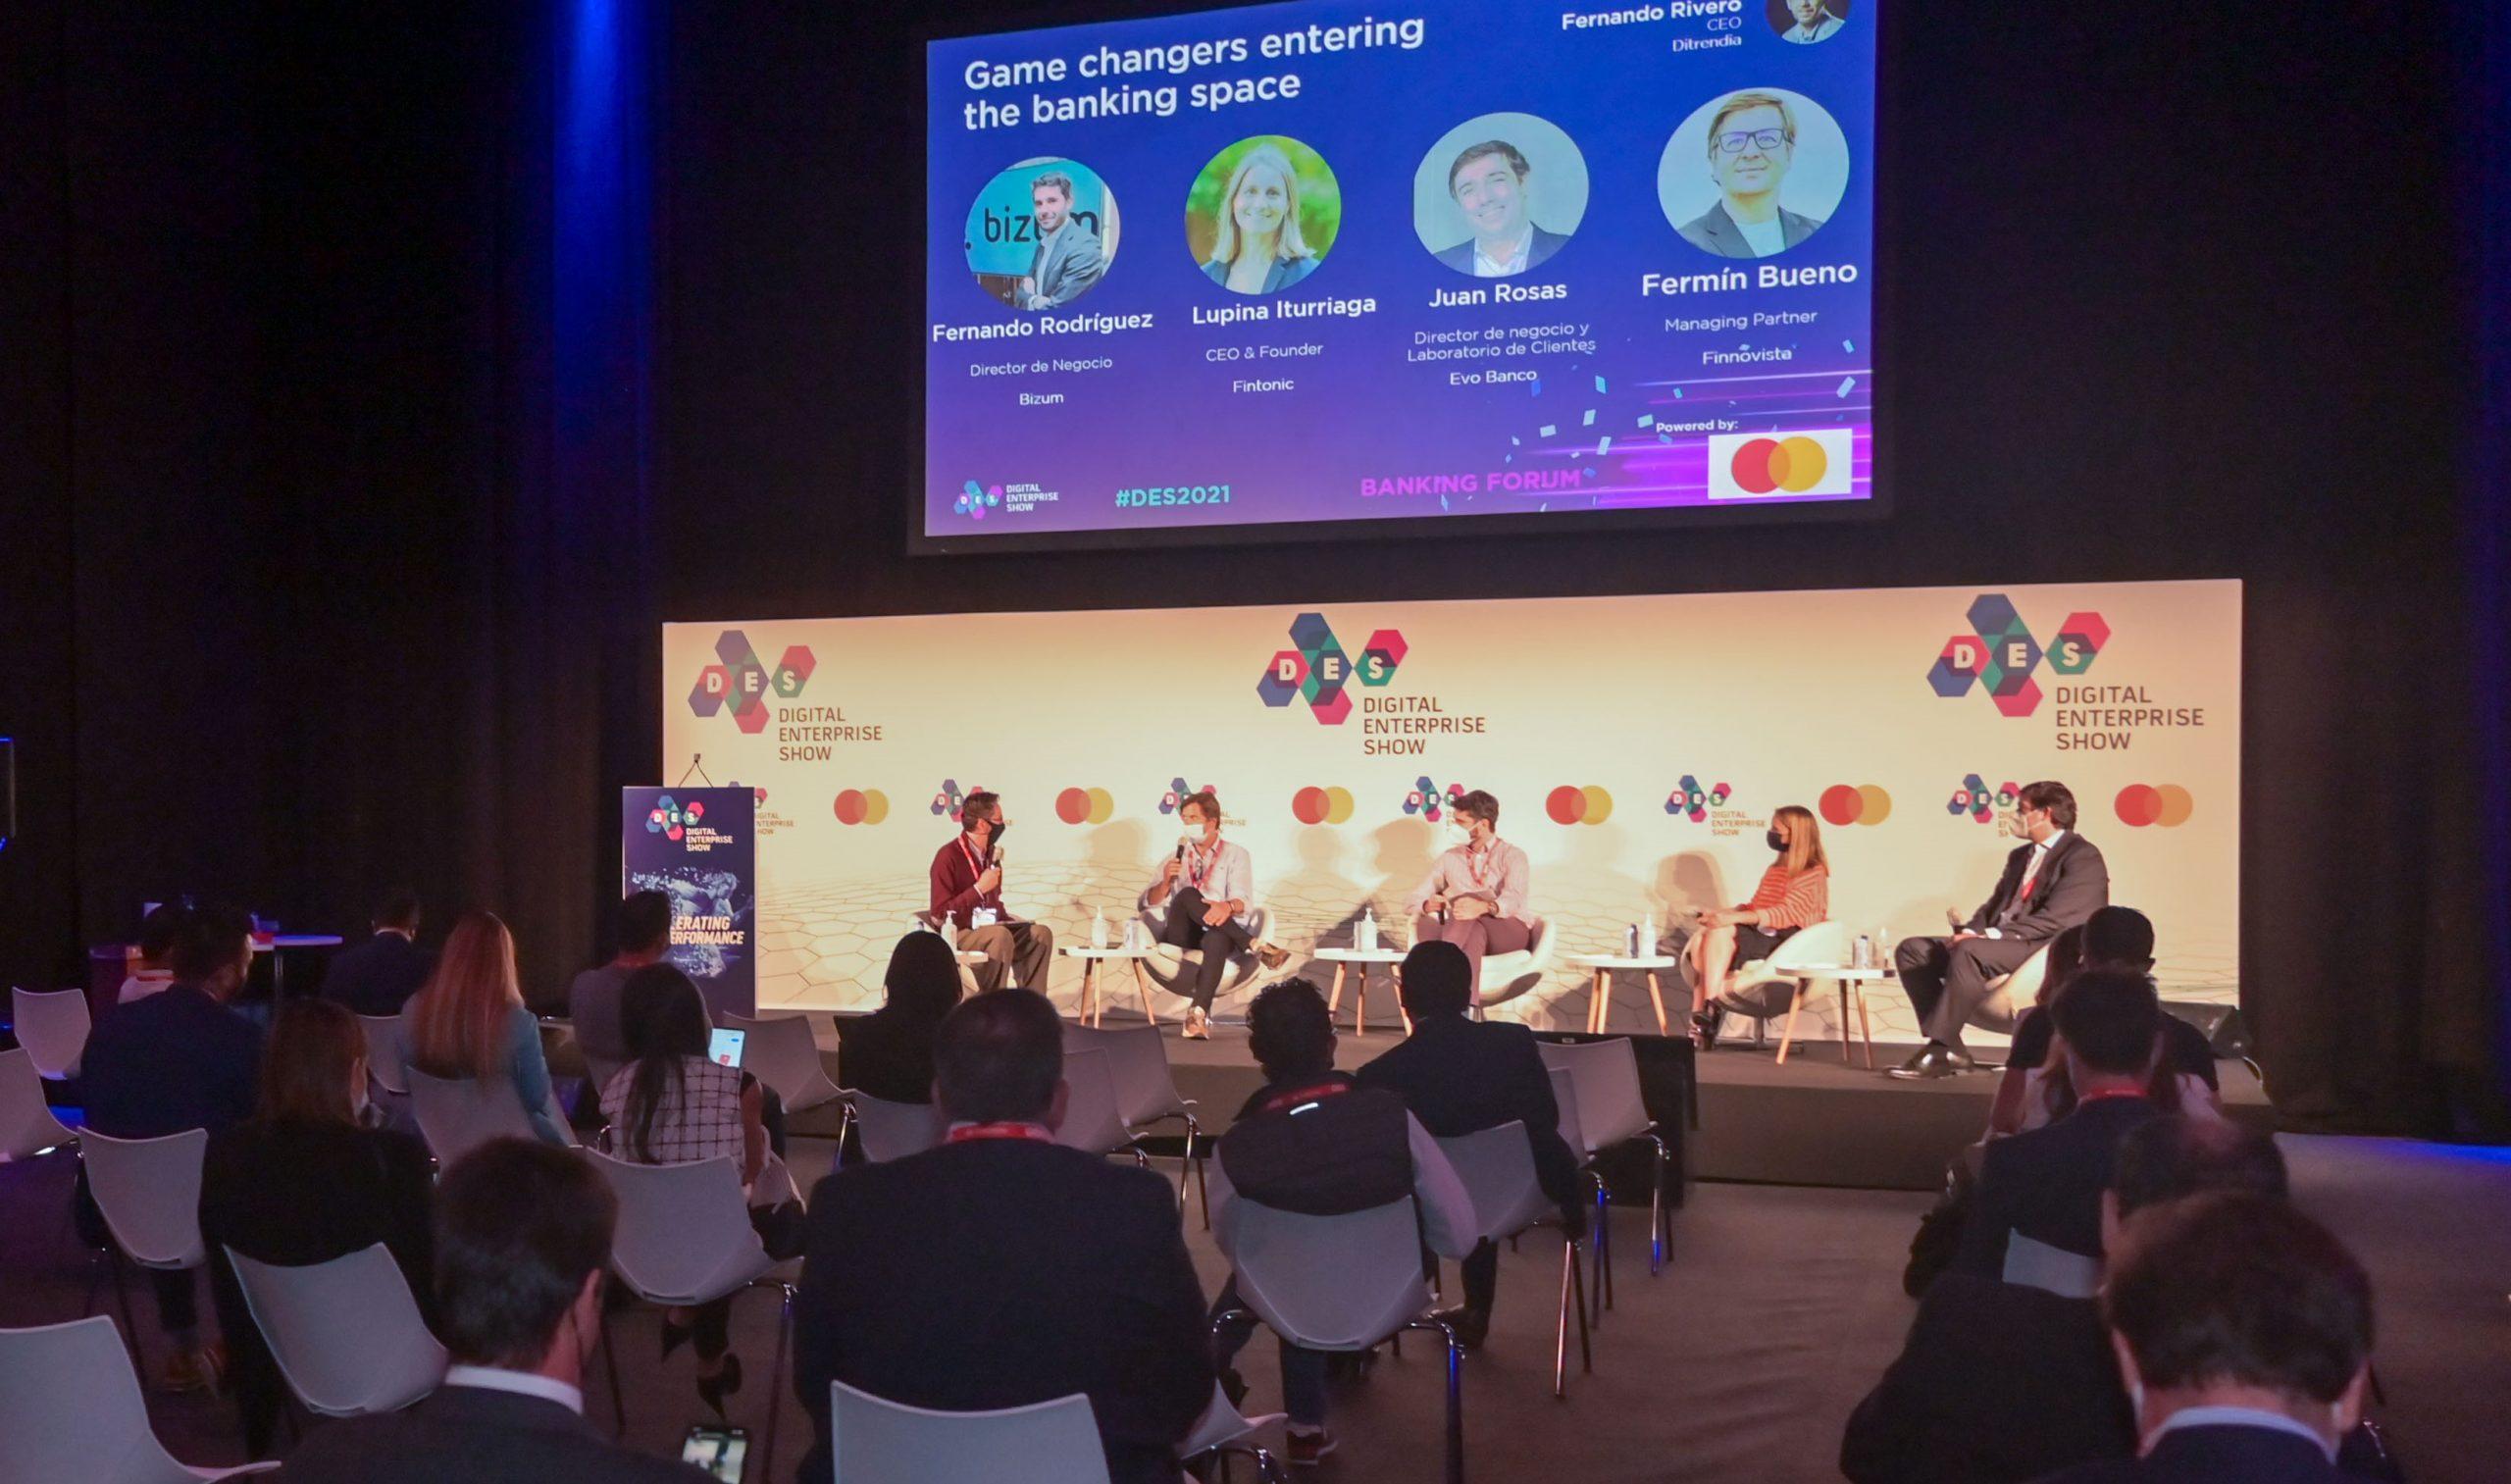 EVO Banco, Bizum, Fintonic y Finnovista analizan las tendencias que cambiarán el ecosistema bancario